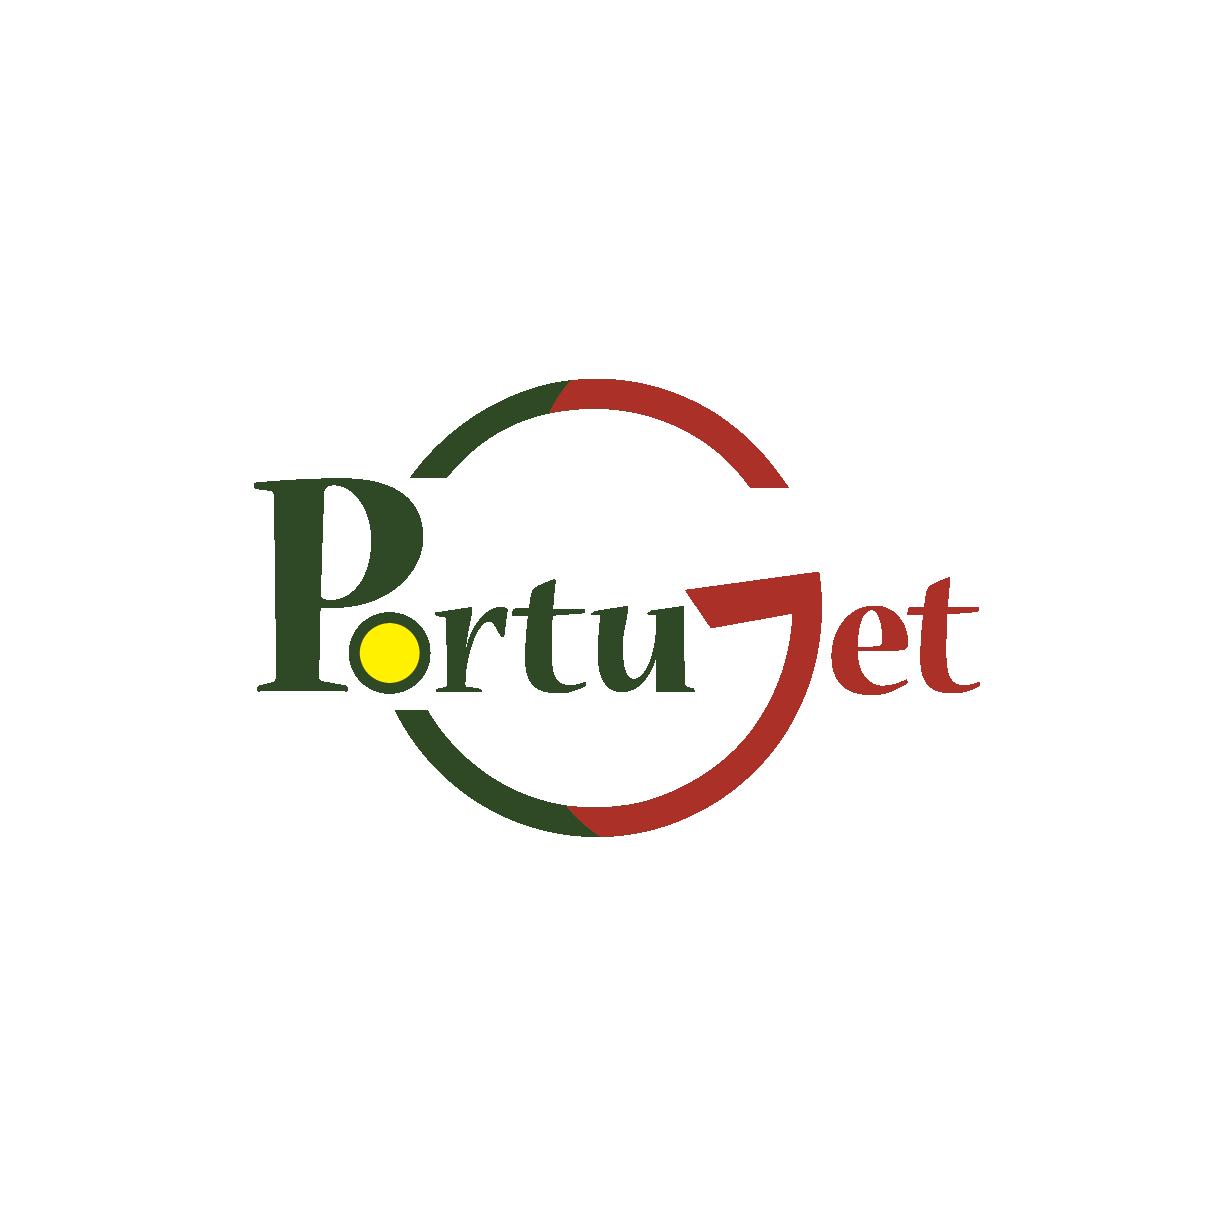 PortuGet 明橋葡語澳門葡文課程教青局持續教育機構持續進修基金